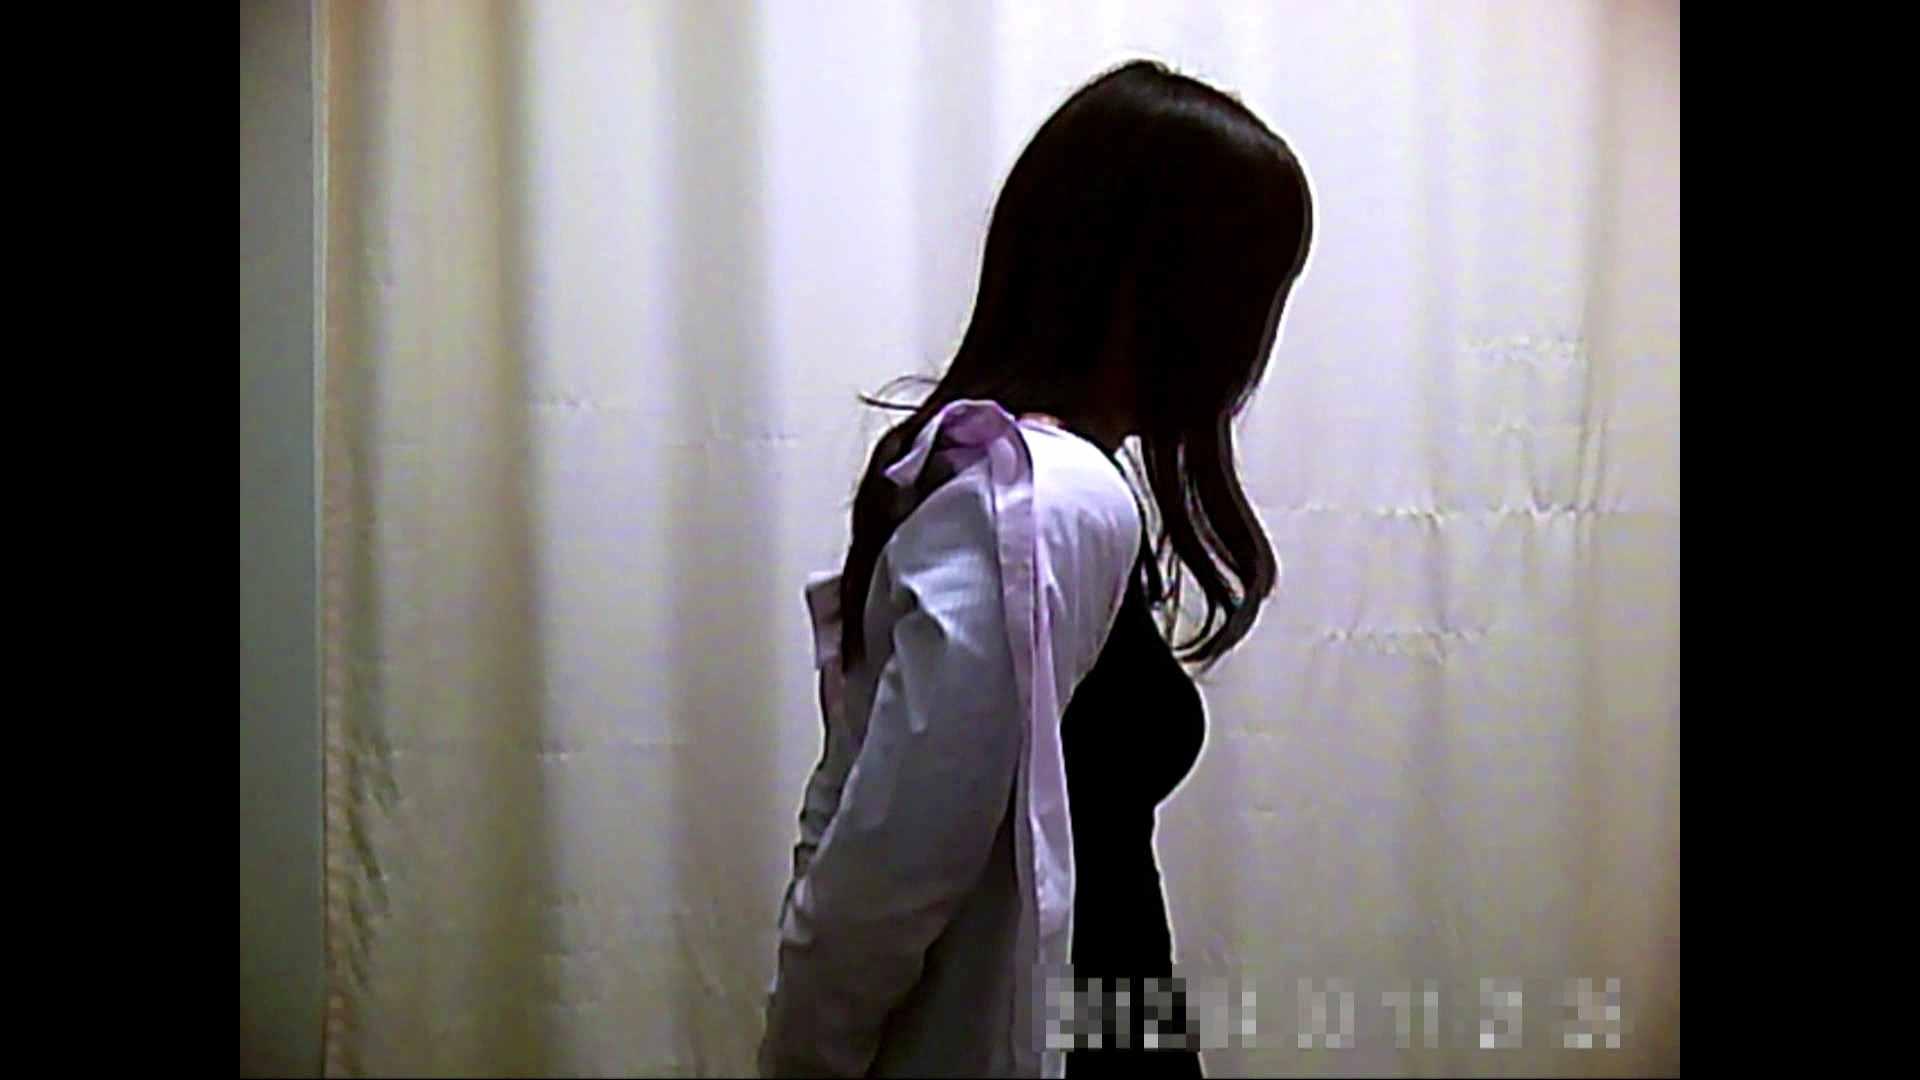 元医者による反抗 更衣室地獄絵巻 vol.022 お姉さんのSEX エロ画像 82枚 80